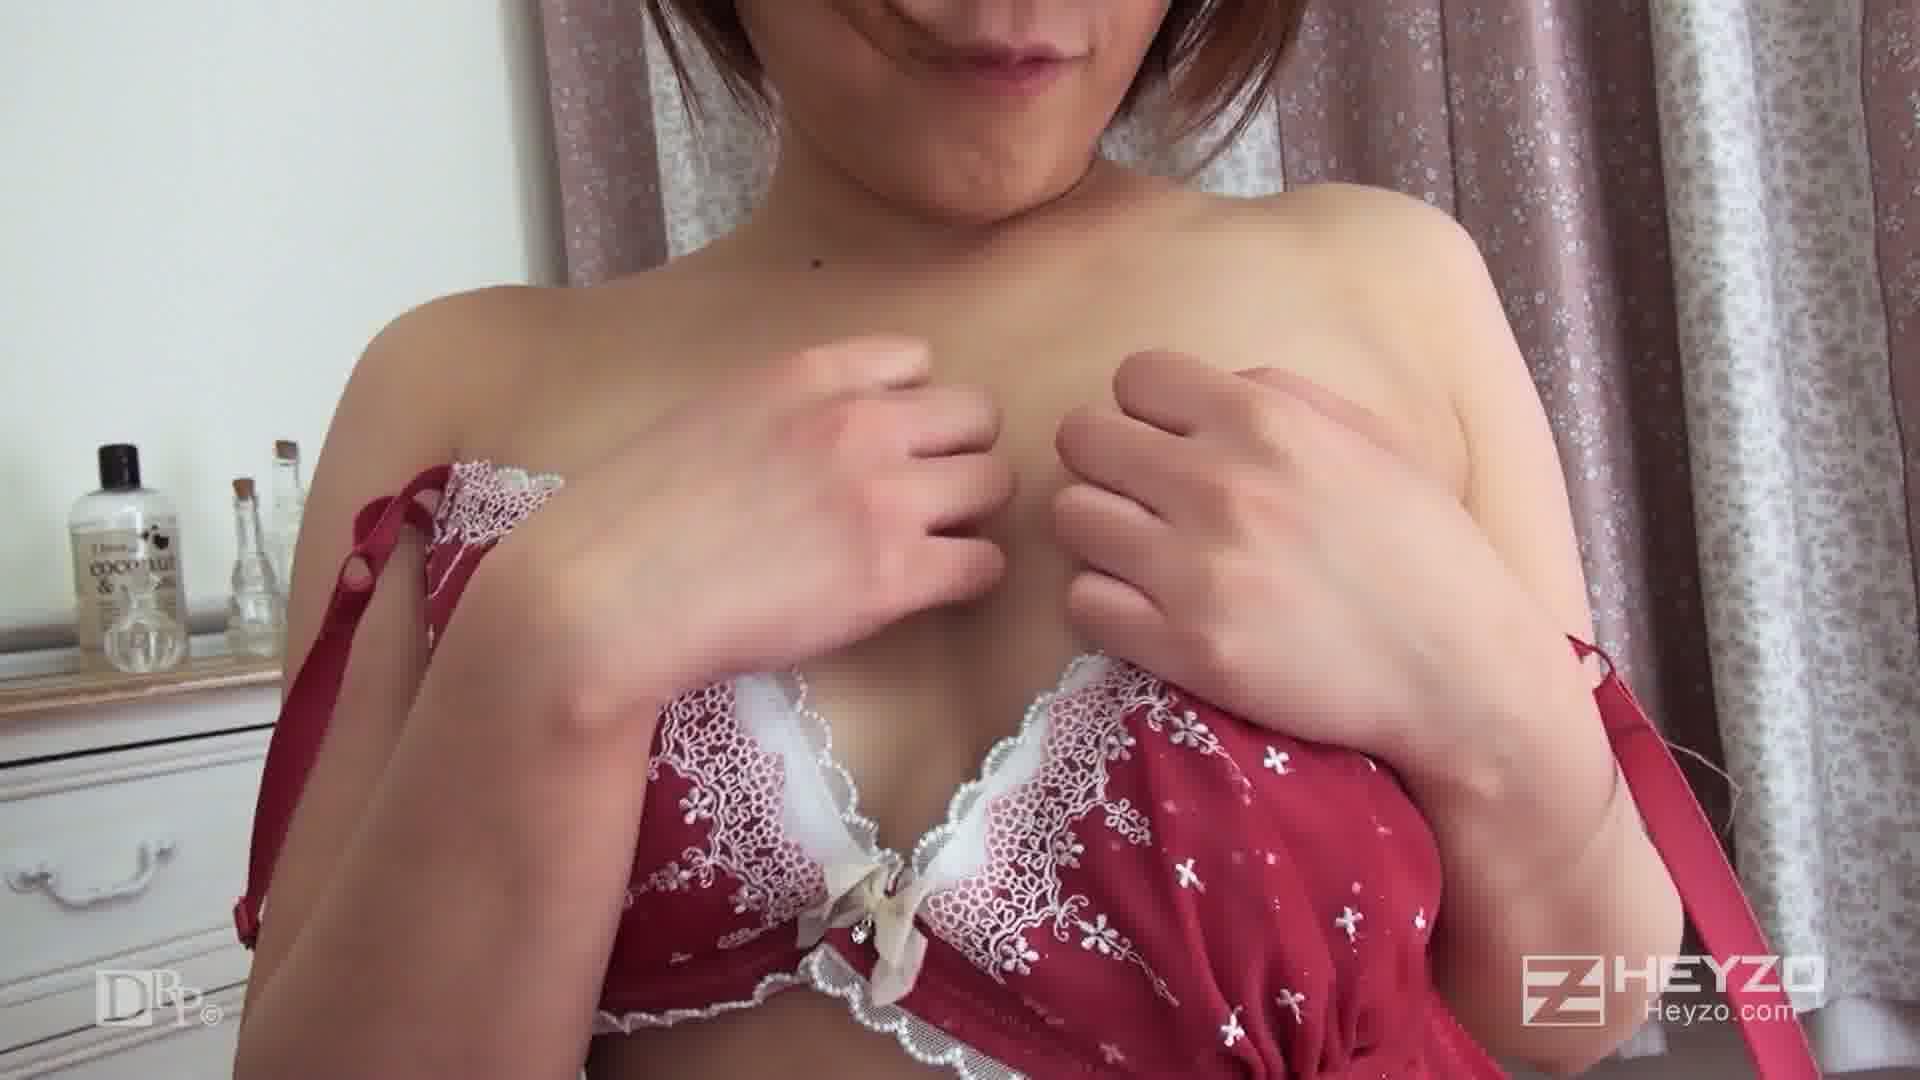 HAMEZO~ハメ撮りコレクション~vol.28 - 百瀬ここあ【指マン おっぱい 正常位】